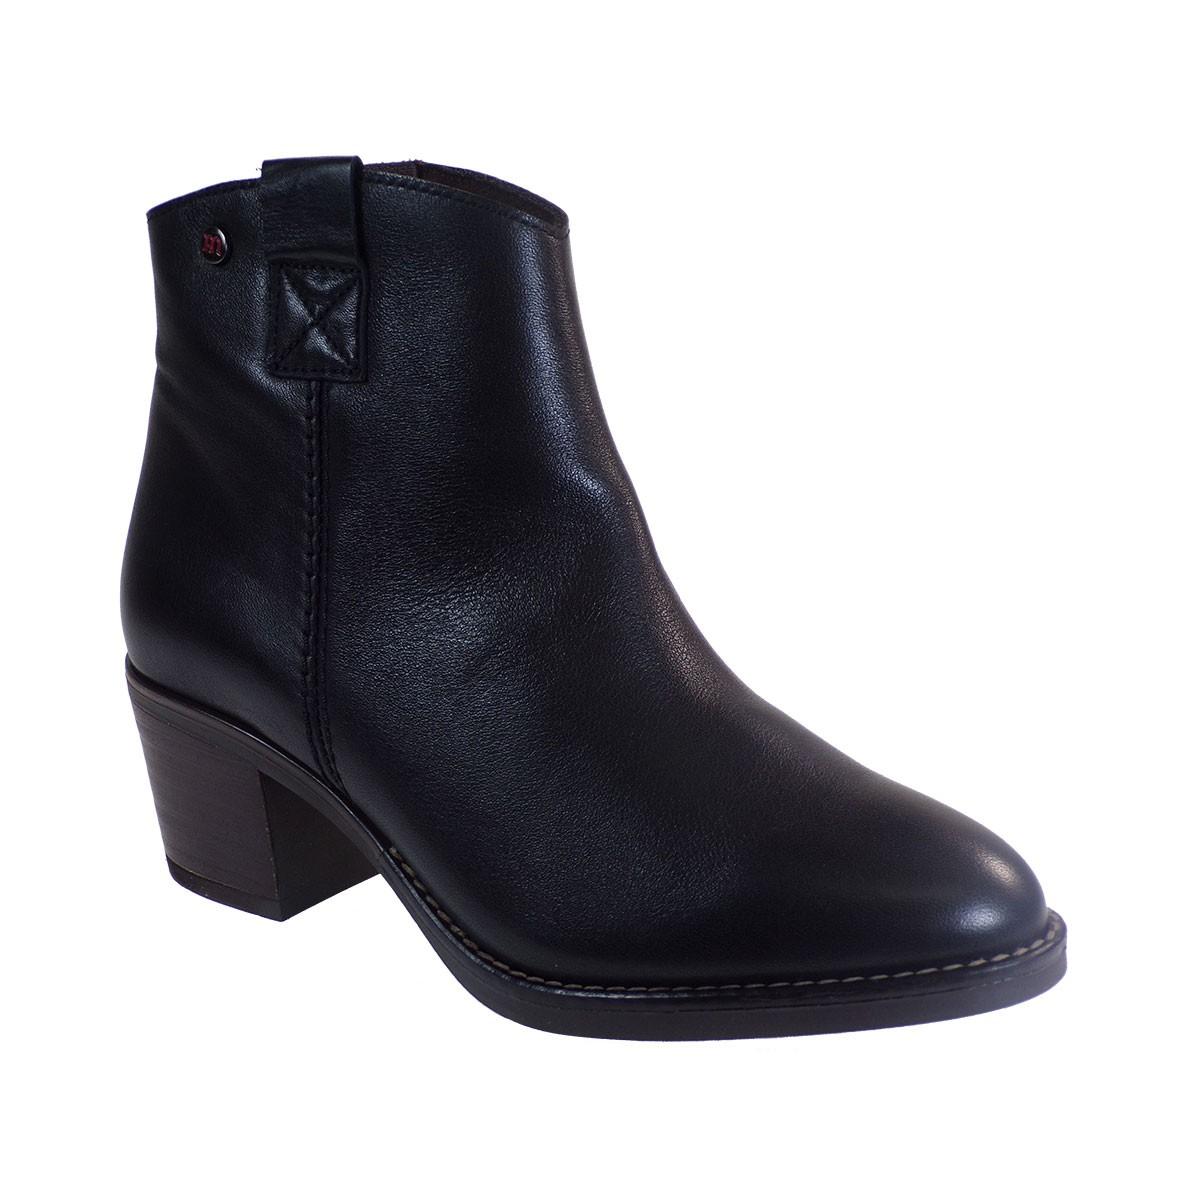 PEPE MENARGUES SHOES Γυναικεία Παπούτσια Μποτάκια 20340 Μαύρο Δέρμα